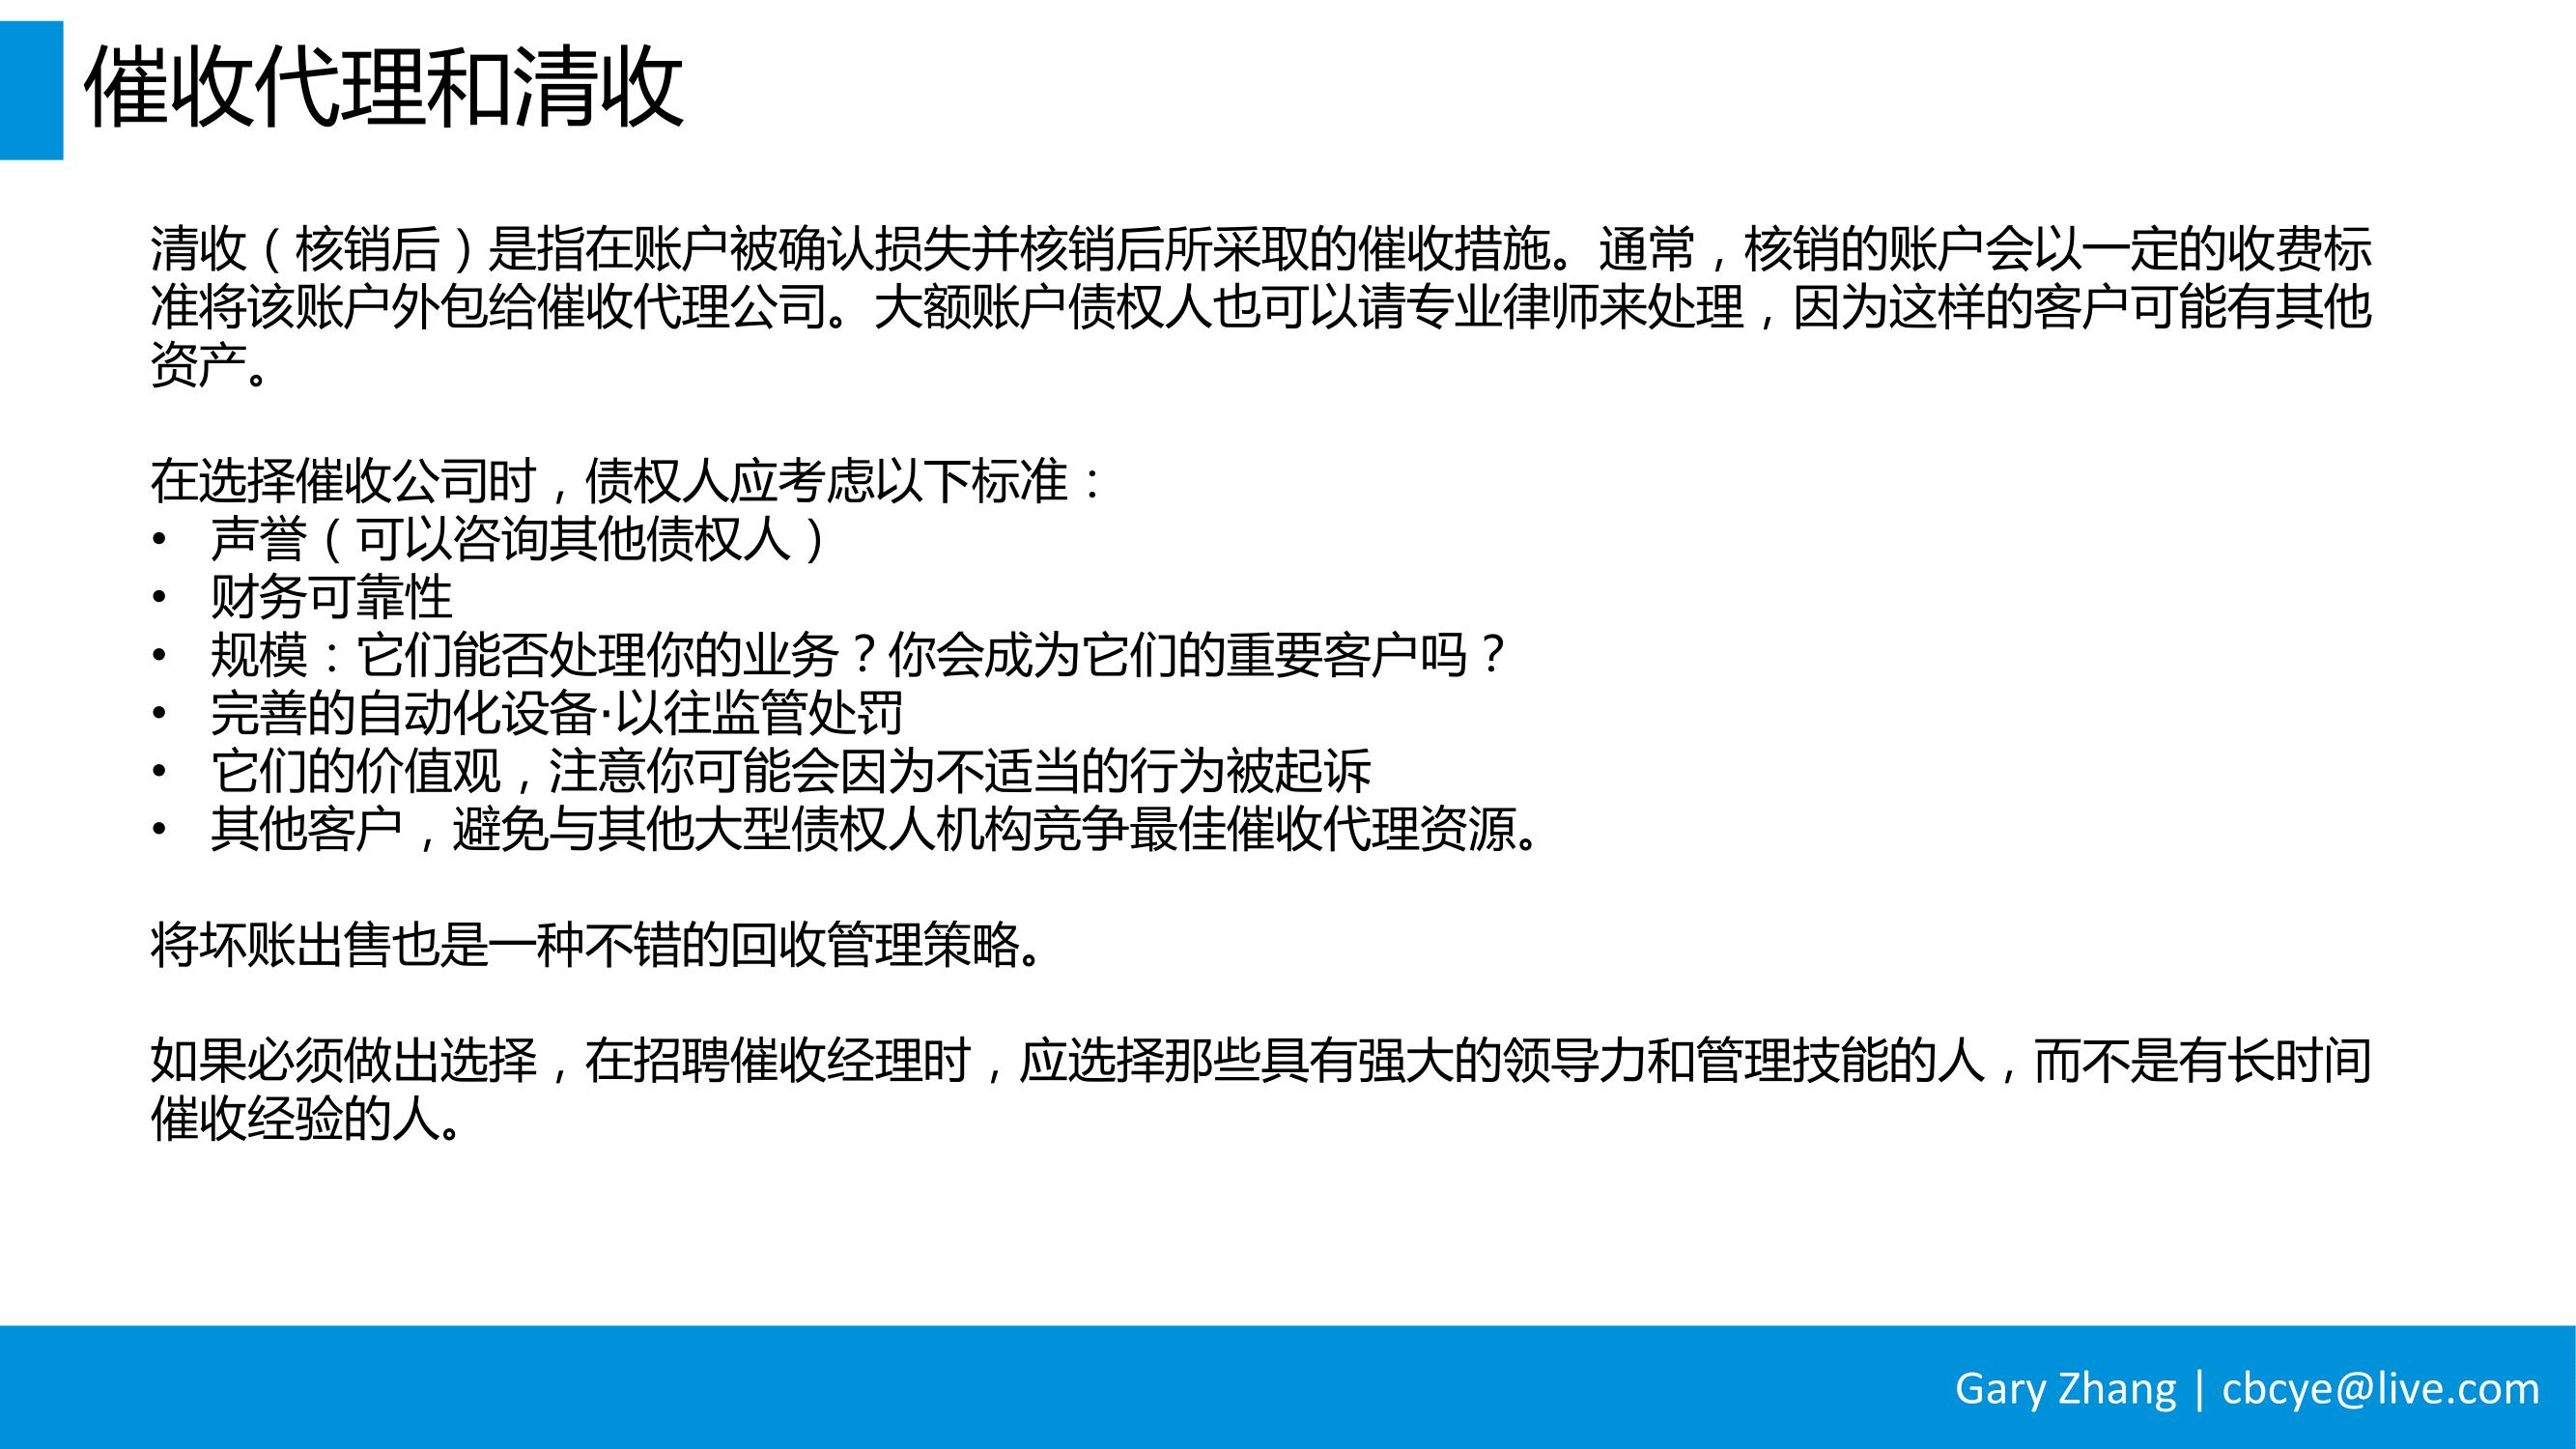 消费金融业务全流程指南_v1.0-063